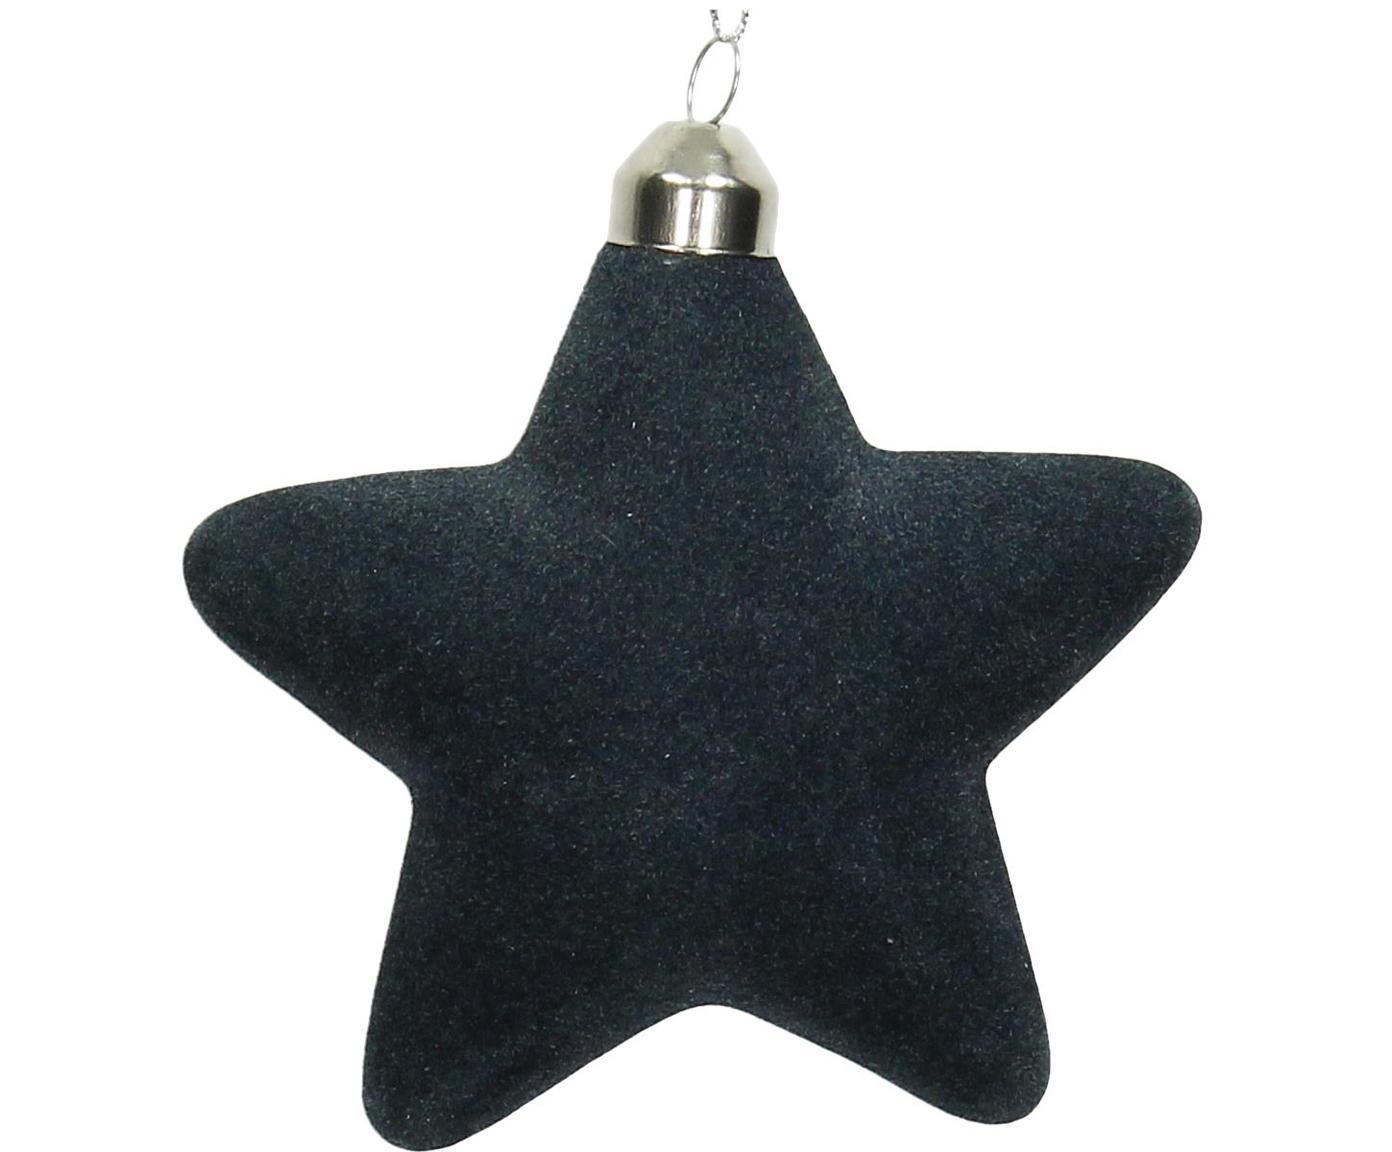 Baumanhänger Star, 4 Stück, Dunkelblau, 10 x 10 cm